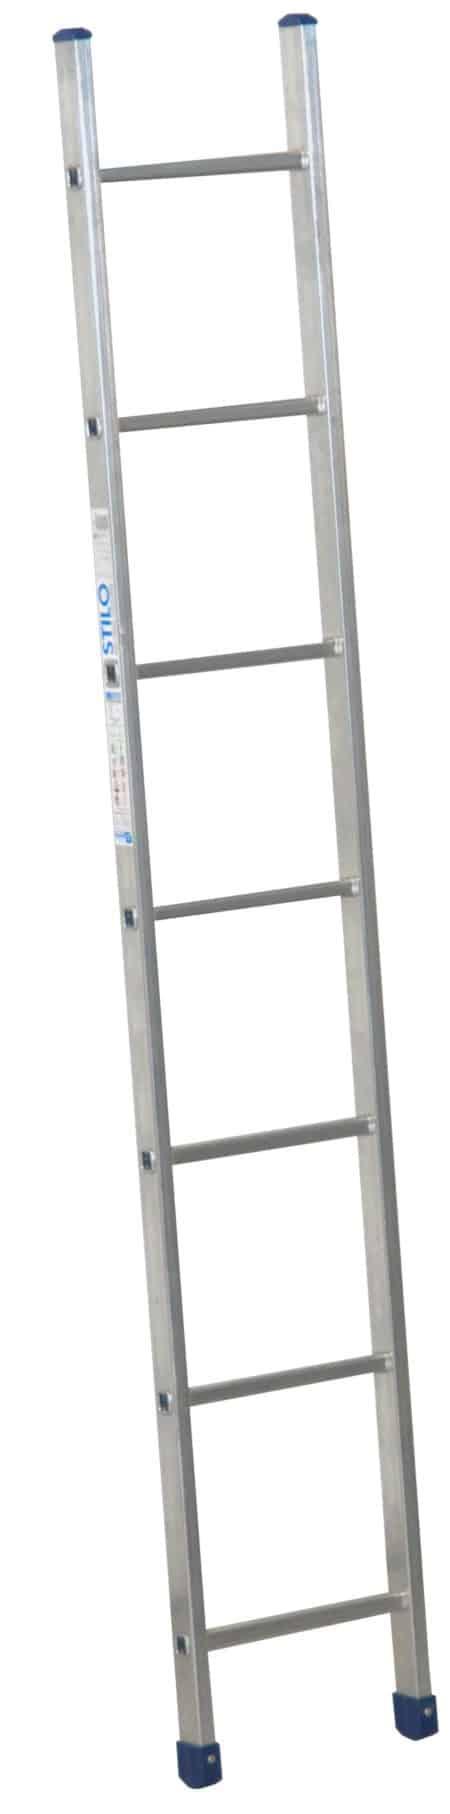 Facal Stilo-S | Anlegeleiter | Pro Serie 100 SL-07 Ansicht